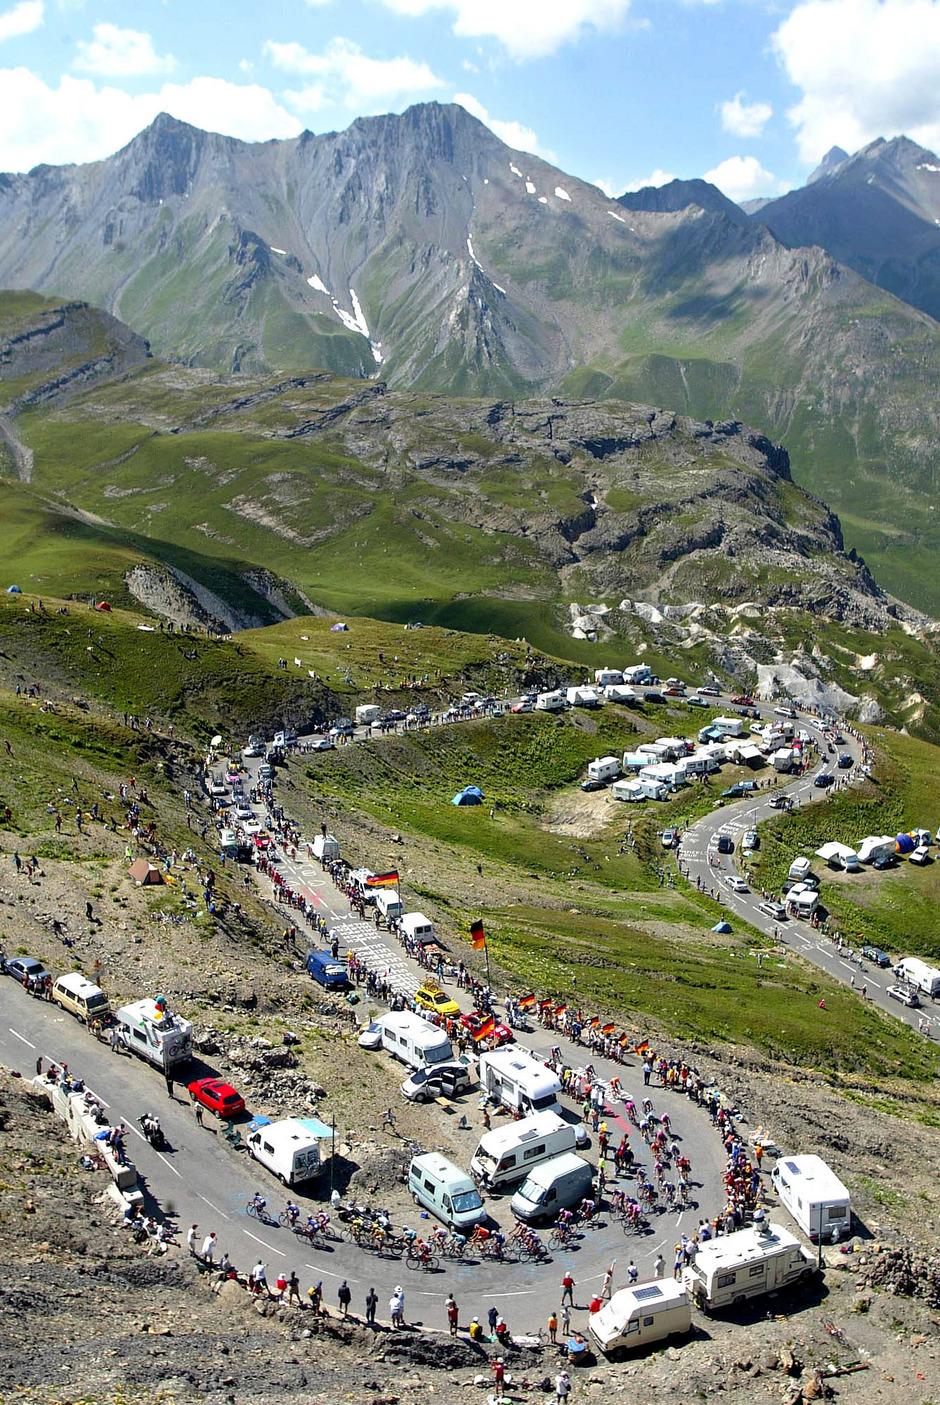 Wie bei der Tour de France werden viele Fans auch zur Rad-WM mit Wohnmobilen anreisen und neben der Strecke parken.